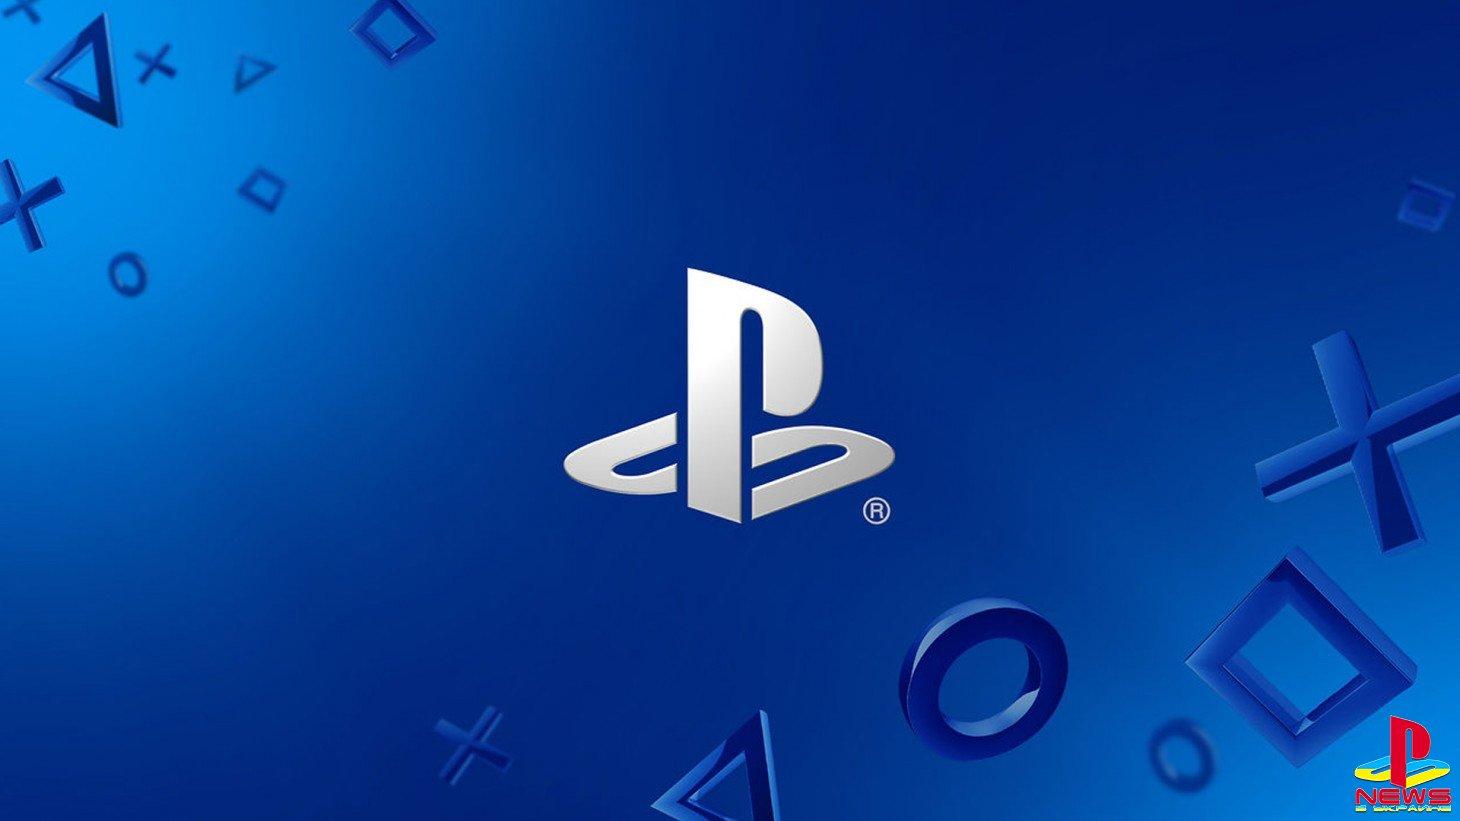 На Sony подали в суд из‑за невозможности покупать игры в цифре вне PS Store